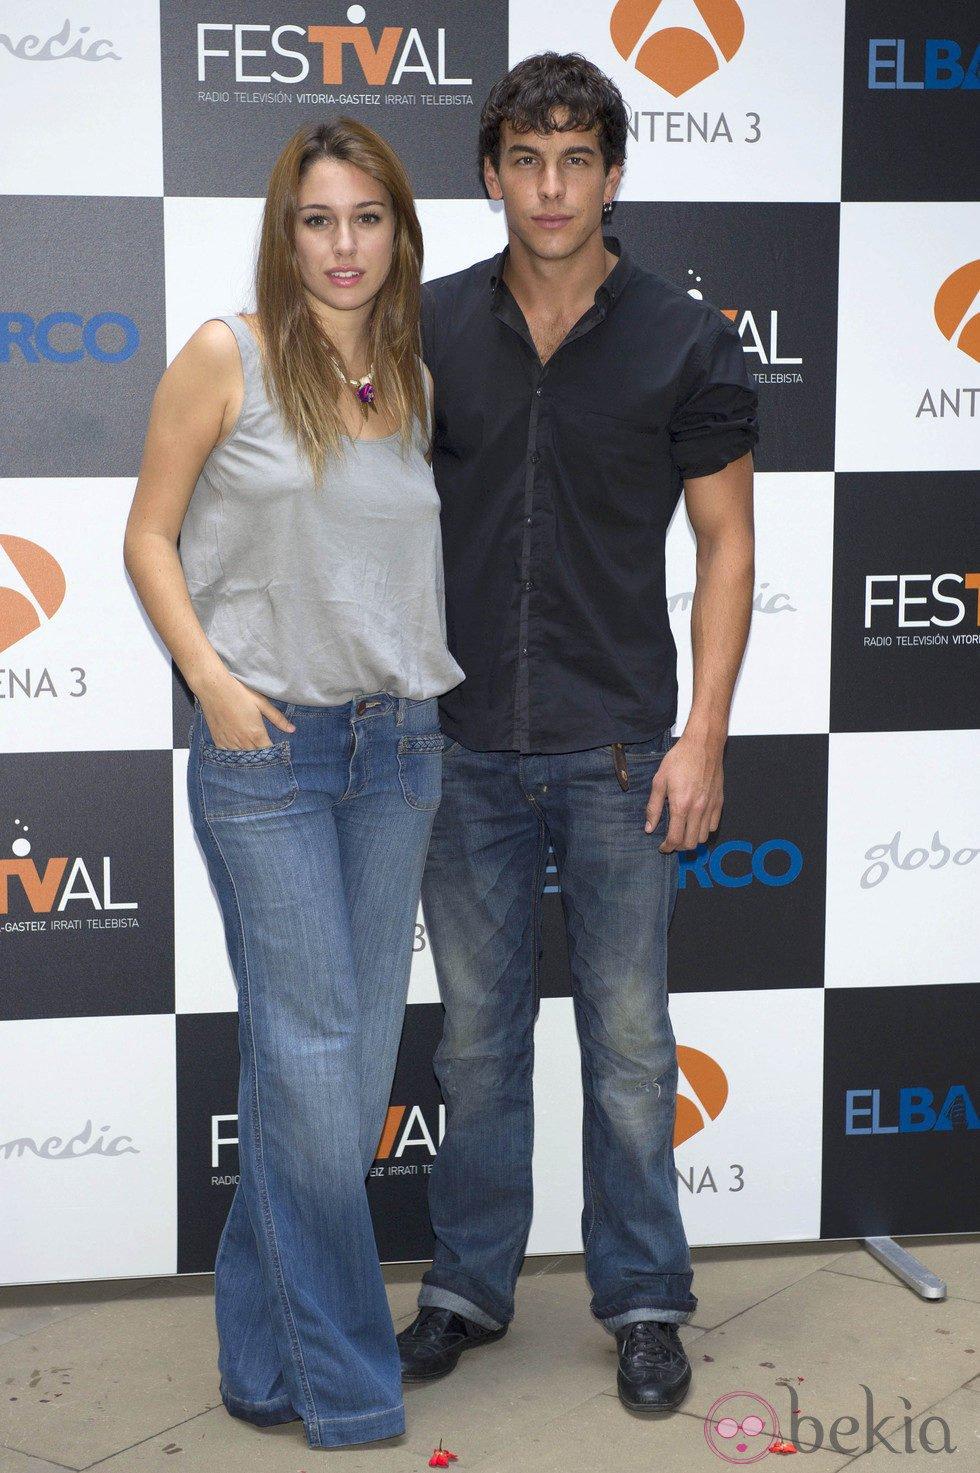 Mario Casas y Blanca Suárez presentaron la segunda temporada de 'El Barco' en el FesTVal de Vitoria